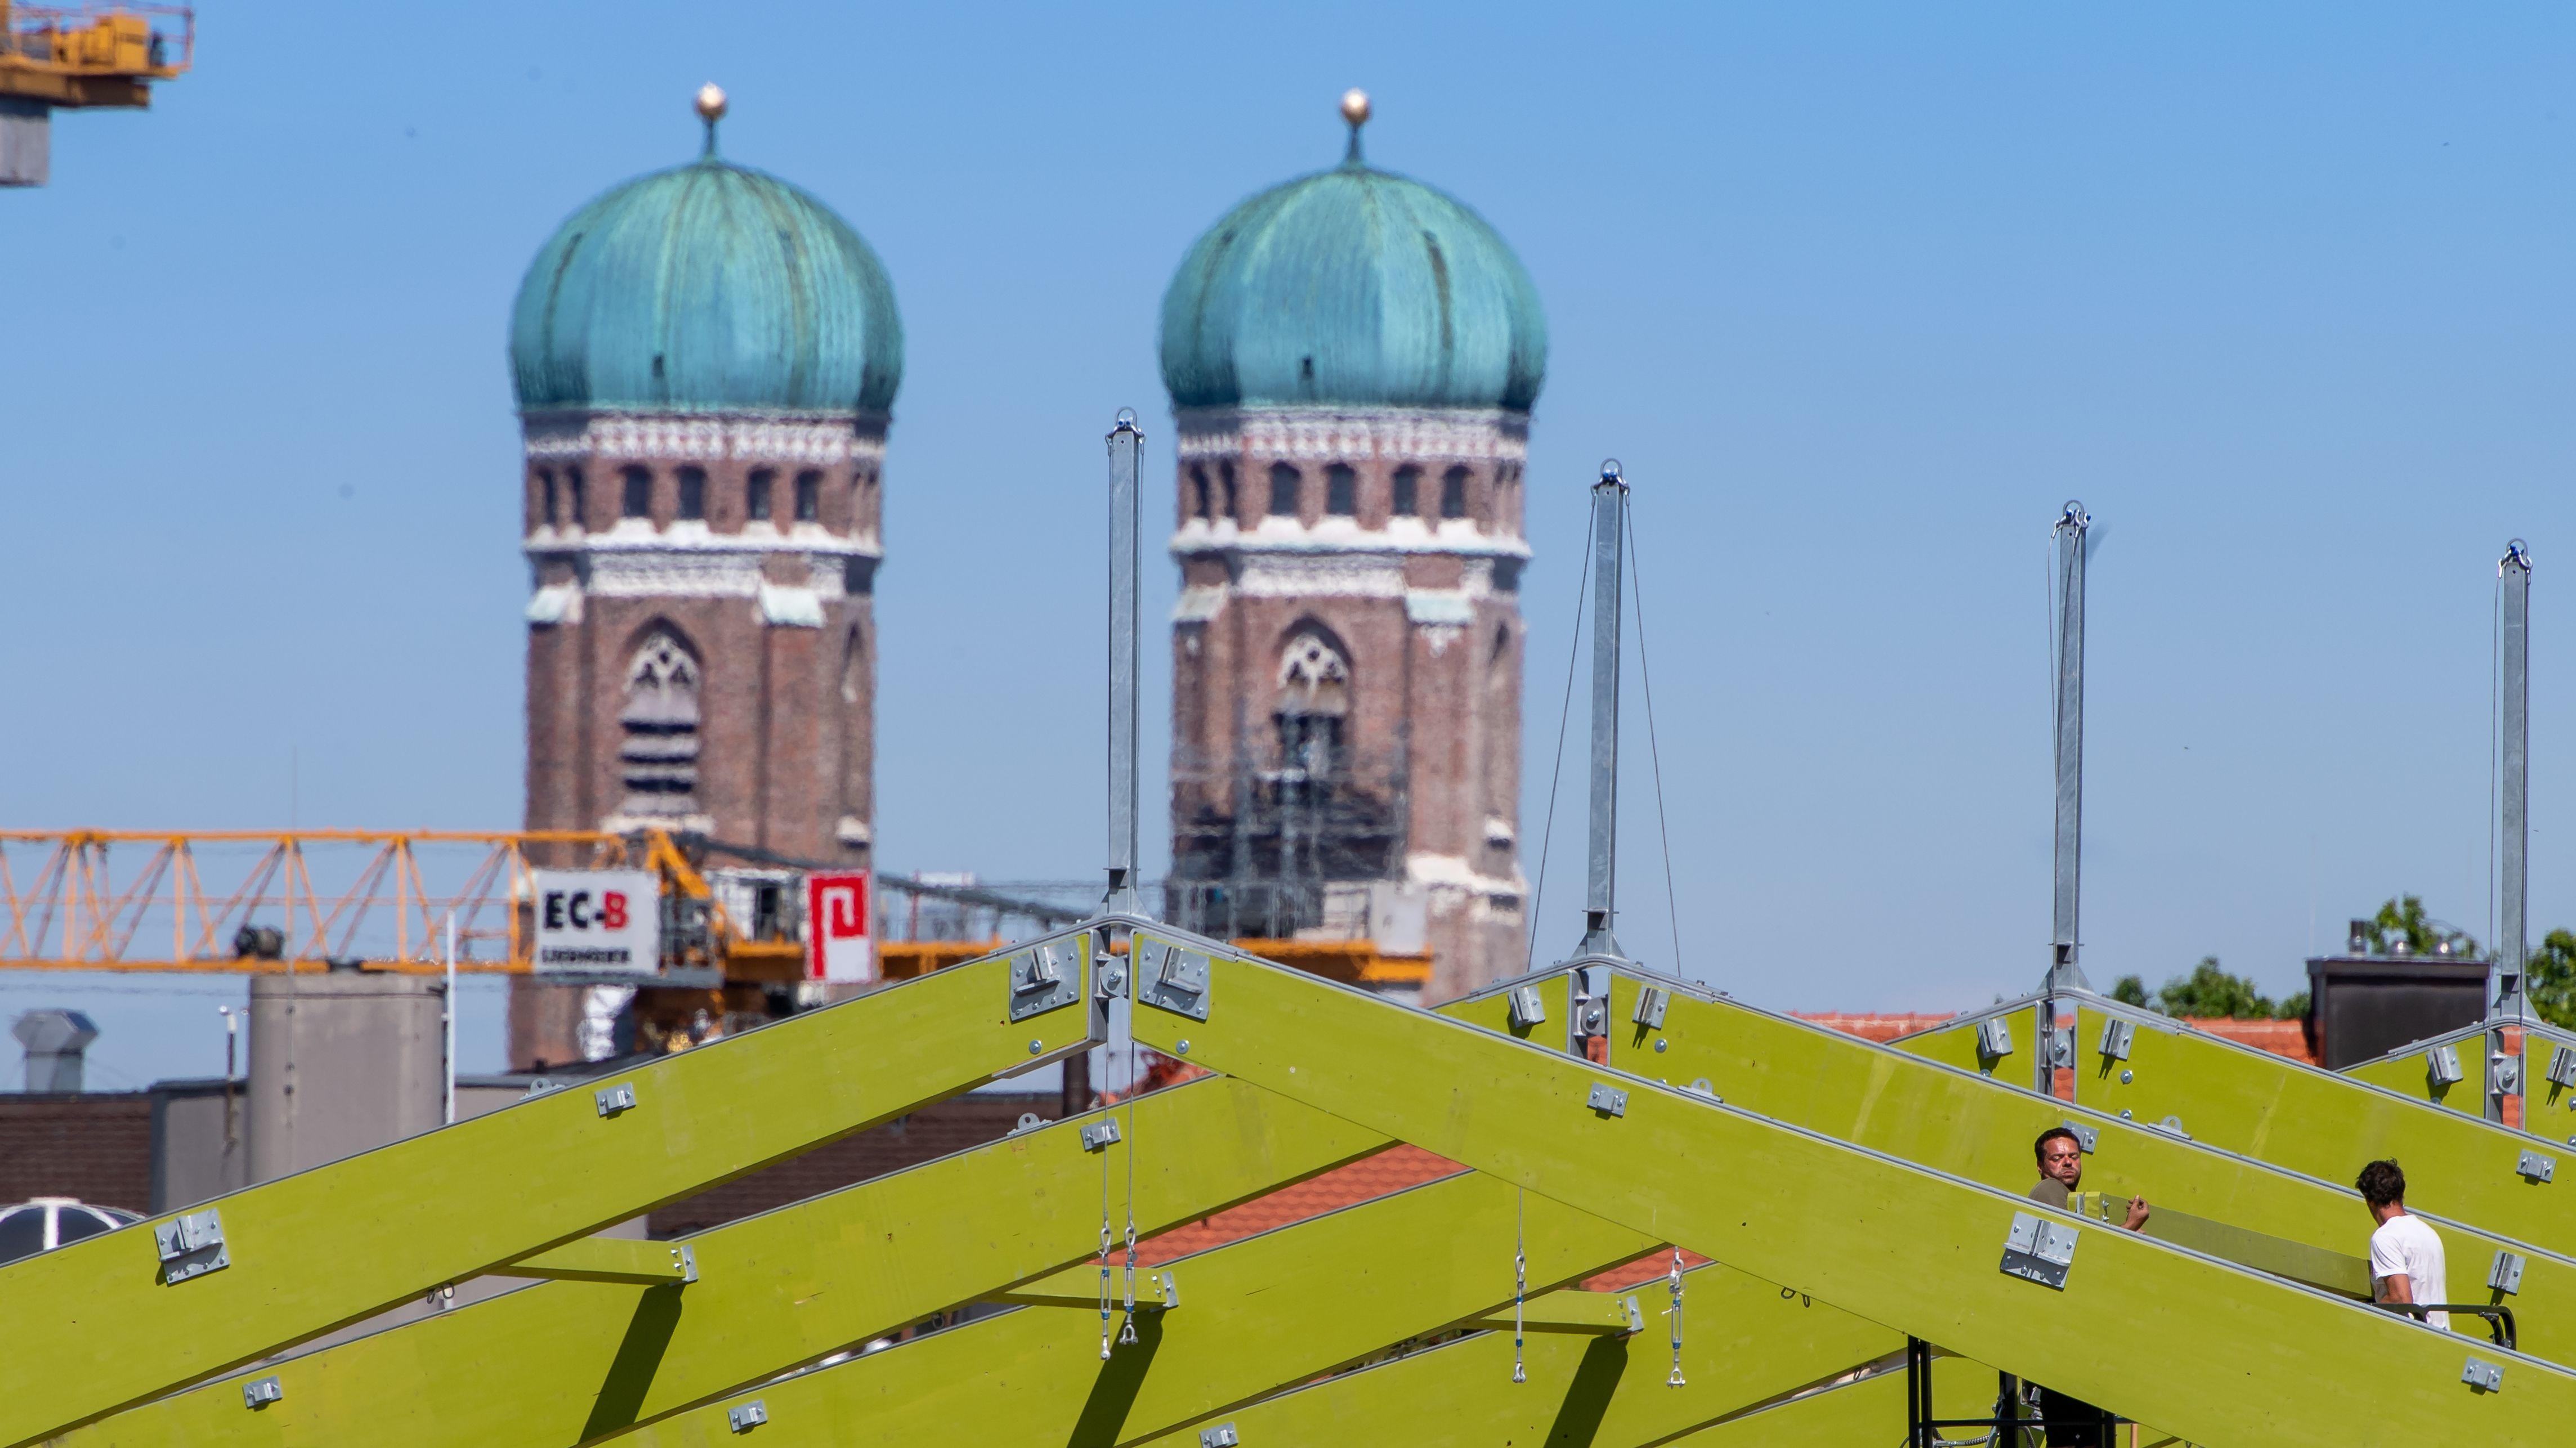 10.07.2019, Bayern, München: Zwei Arbeiter bringen Querbalken in der Dachkonstruktion des Festzelts auf der Theresienwiese an. Im Hintergrund sind die beiden Türme der Frauenkirche zu sehen. Das Oktoberfest beginnt dieses Jahr am 21. September und endet am 06. Oktober.